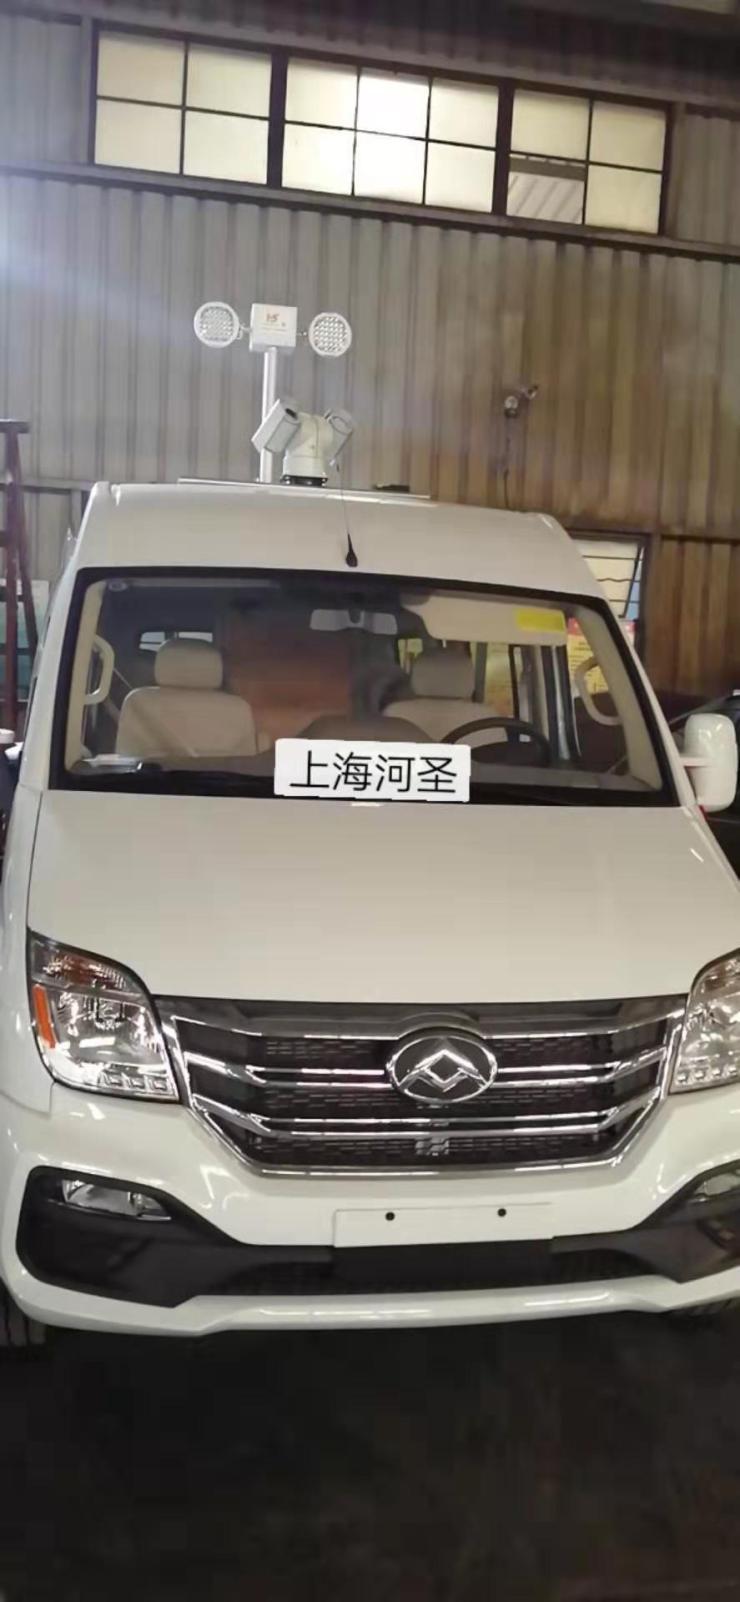 升降照明裝置施工的移動照明燈河圣公司上海河圣名稱